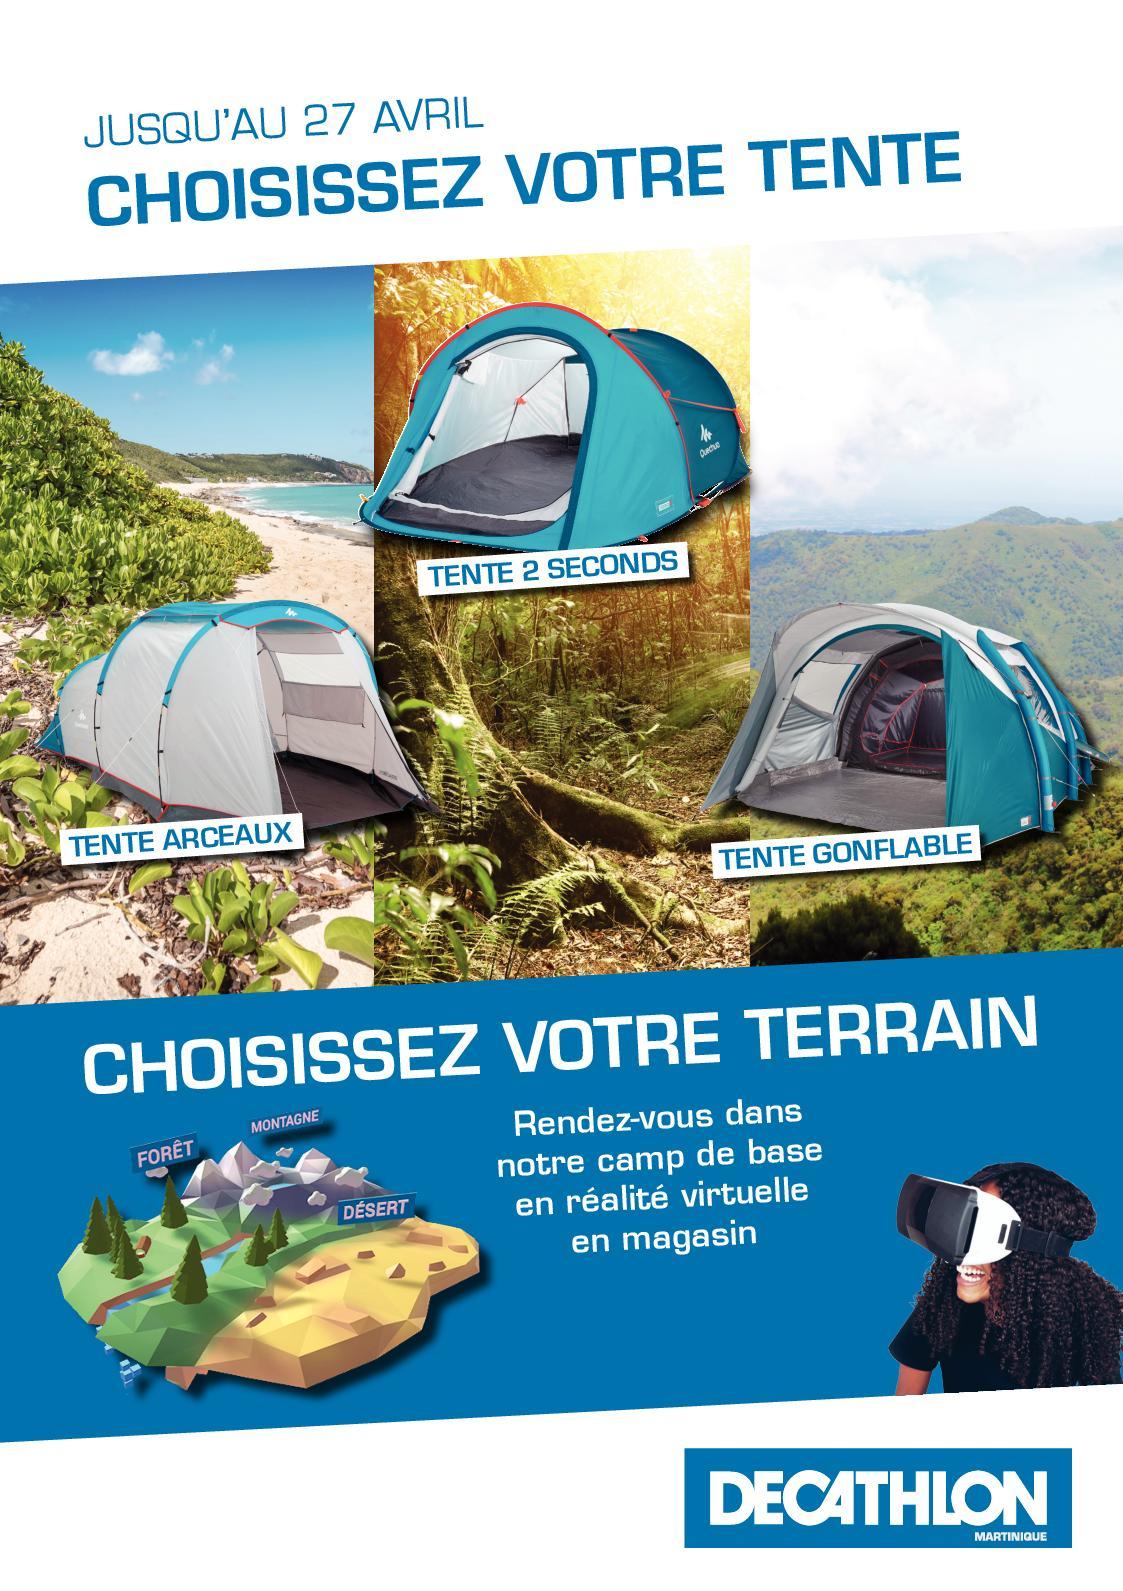 Calaméo - Decathlon Martinique : Choisissez Votre Tente dedans Matelas Gonflable Piscine Decathlon